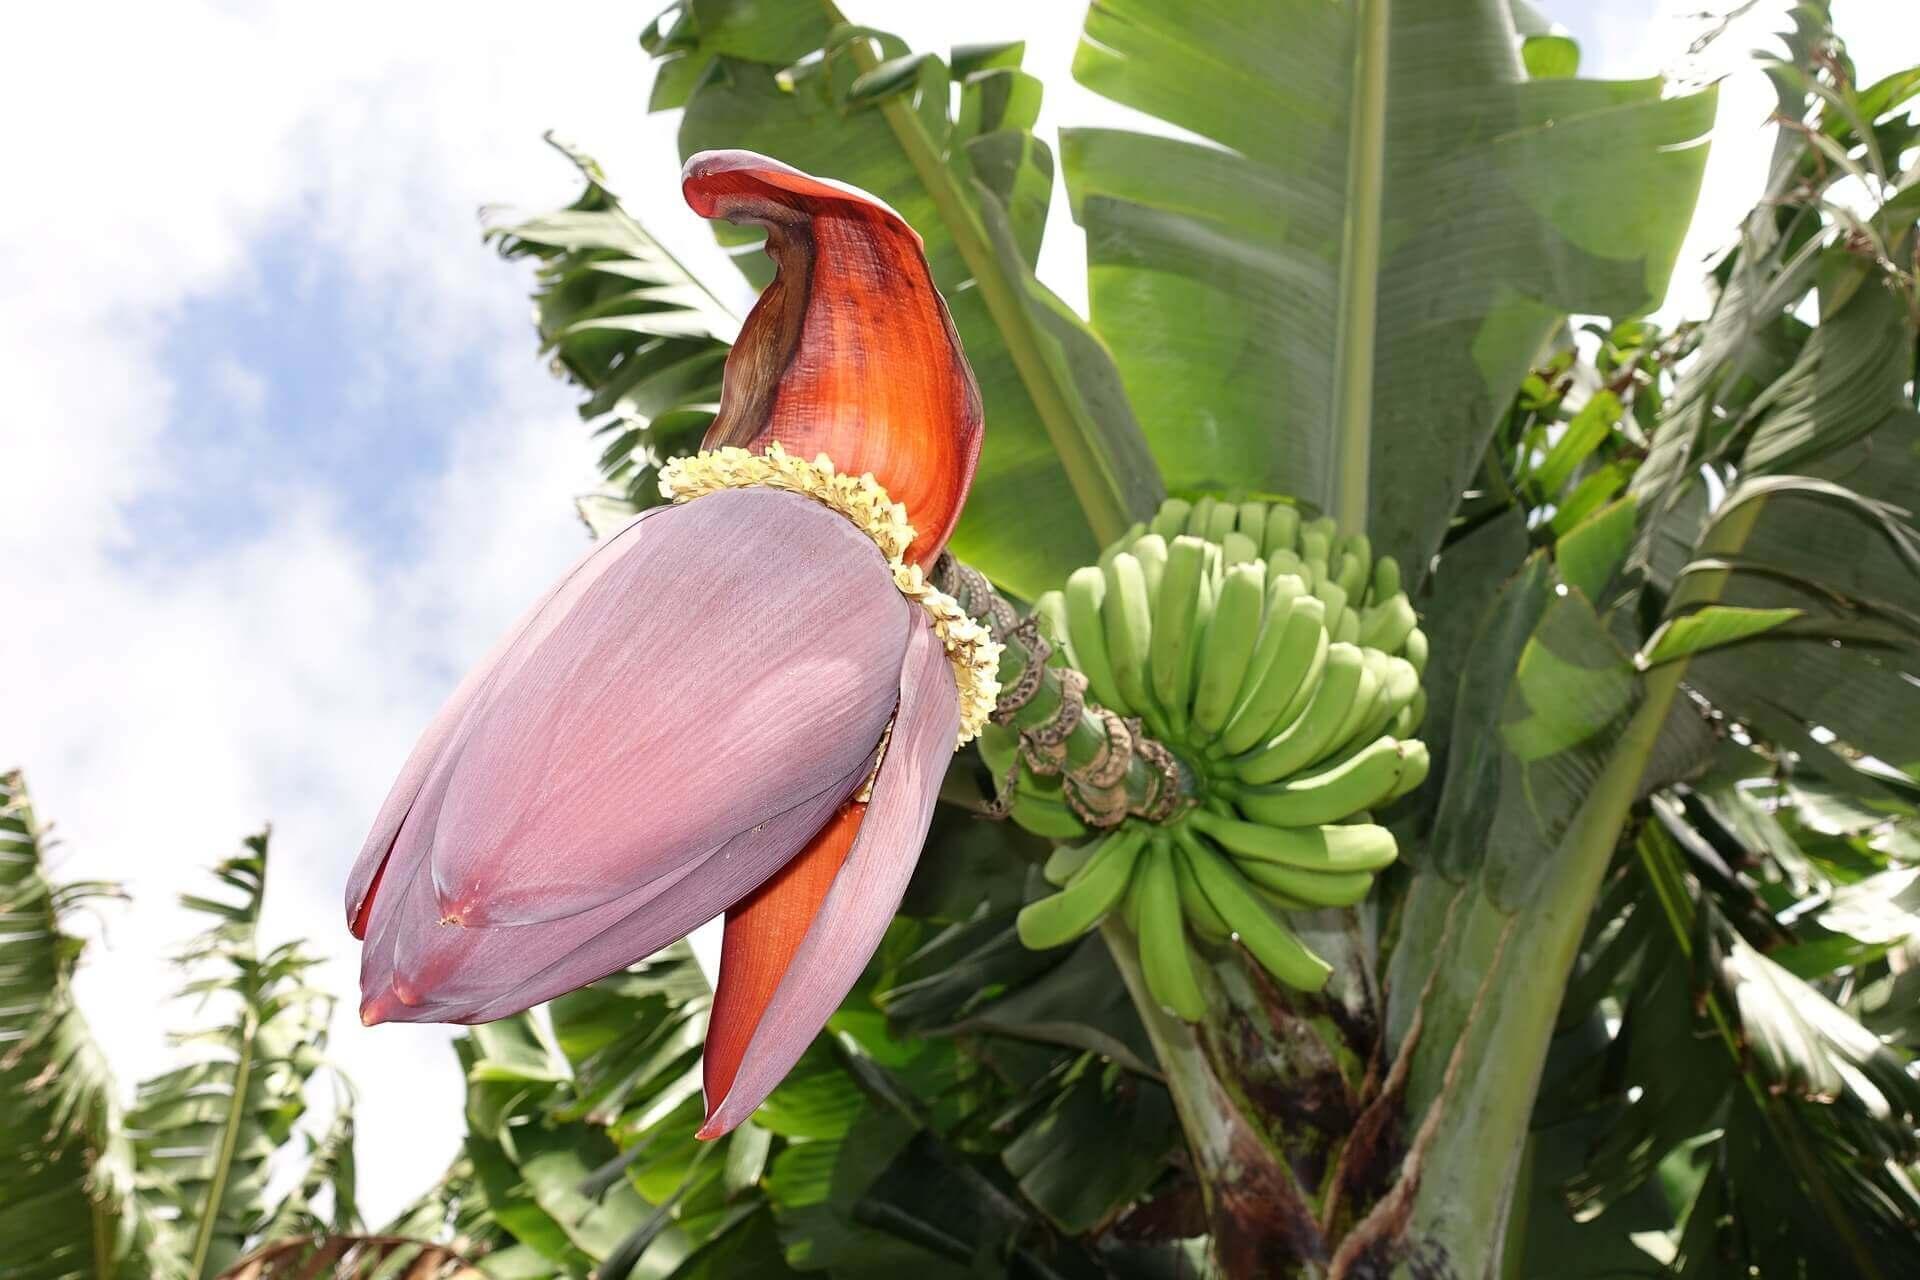 banán növény virágzata, termése